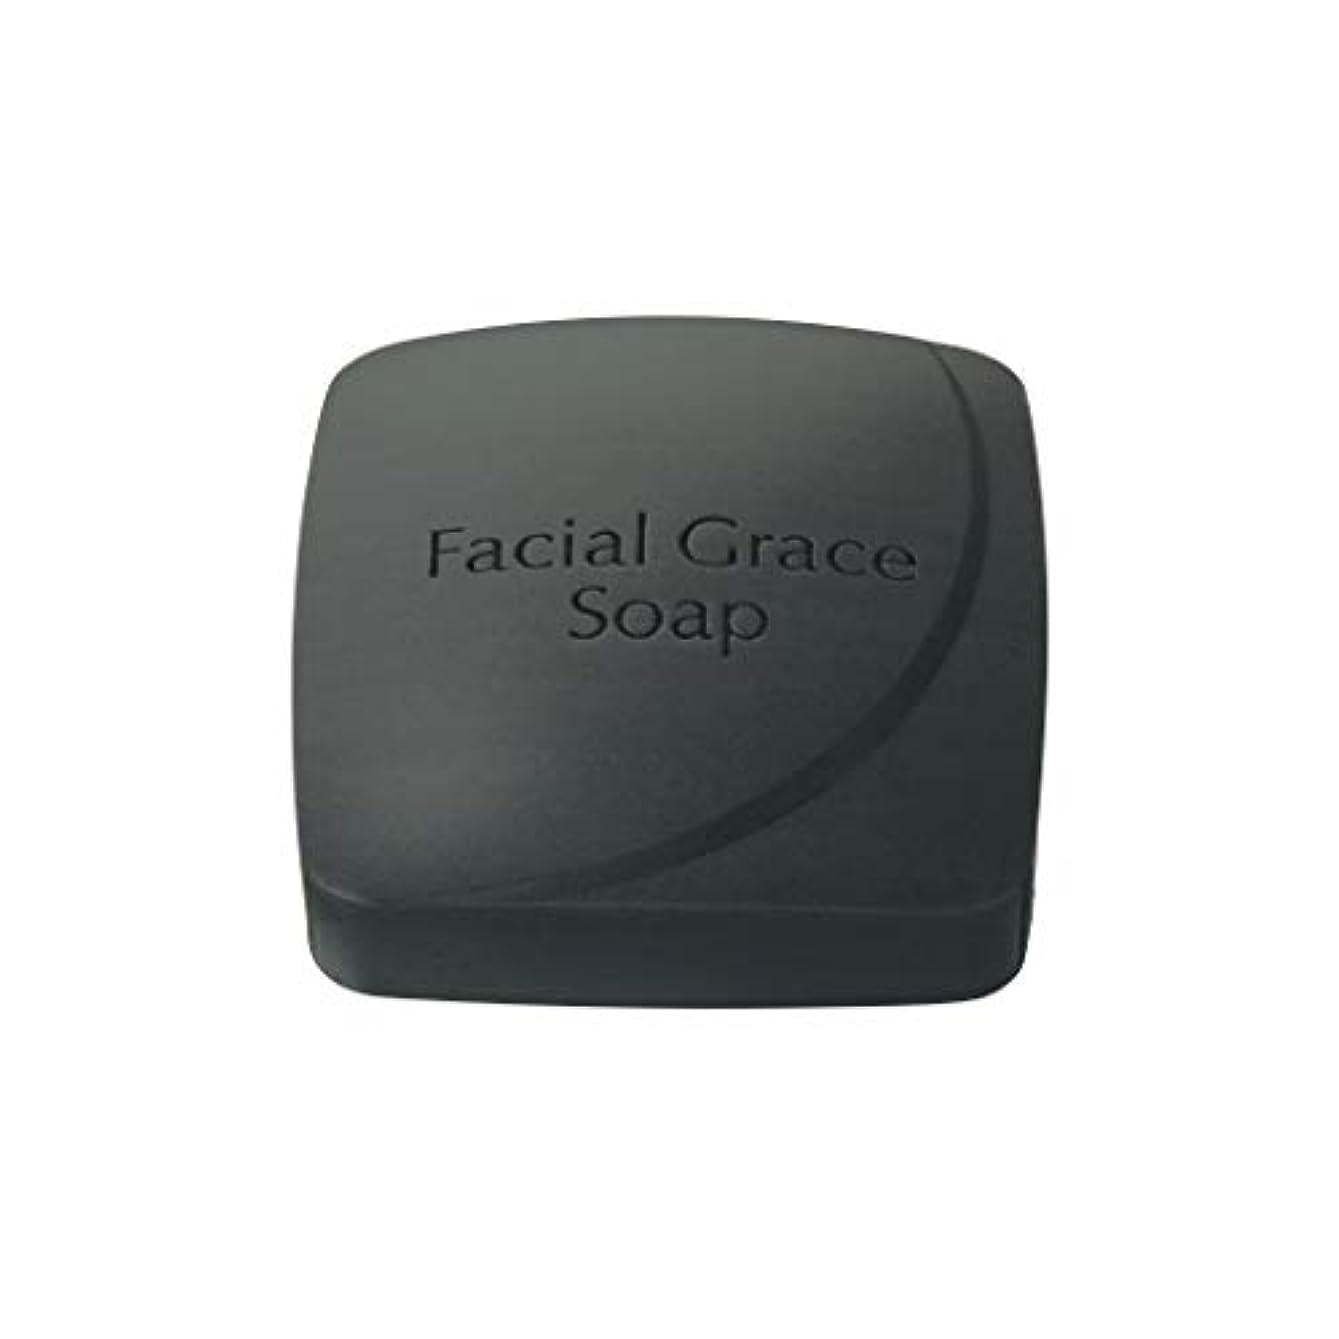 解任分解する独創的アテニア フェイシャルグレイスソープ 石鹸 洗顔 エイジングケア 100g